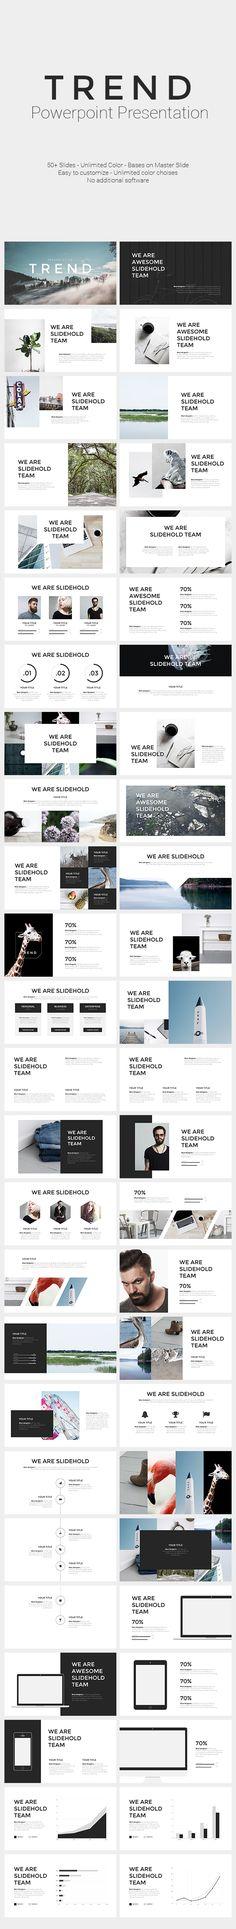 442 best presentation design images on pinterest in 2018